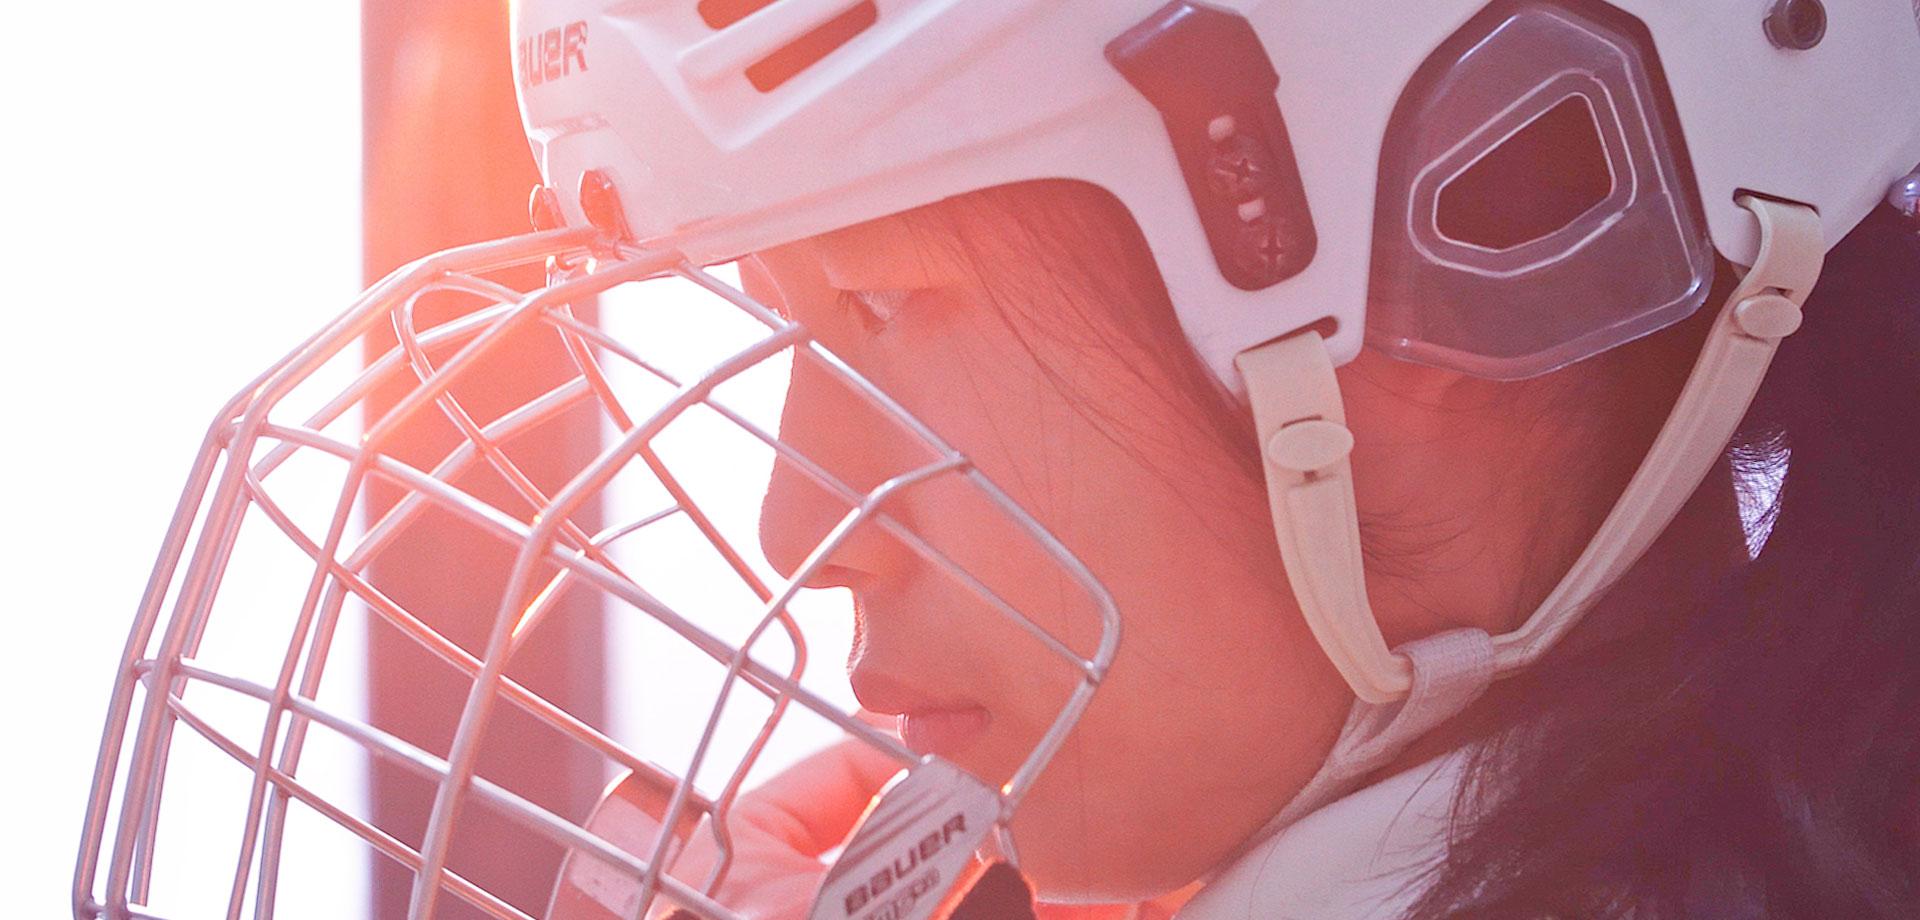 【顯影中國】冬奧特刊:冰球場上的14歲少女隊長